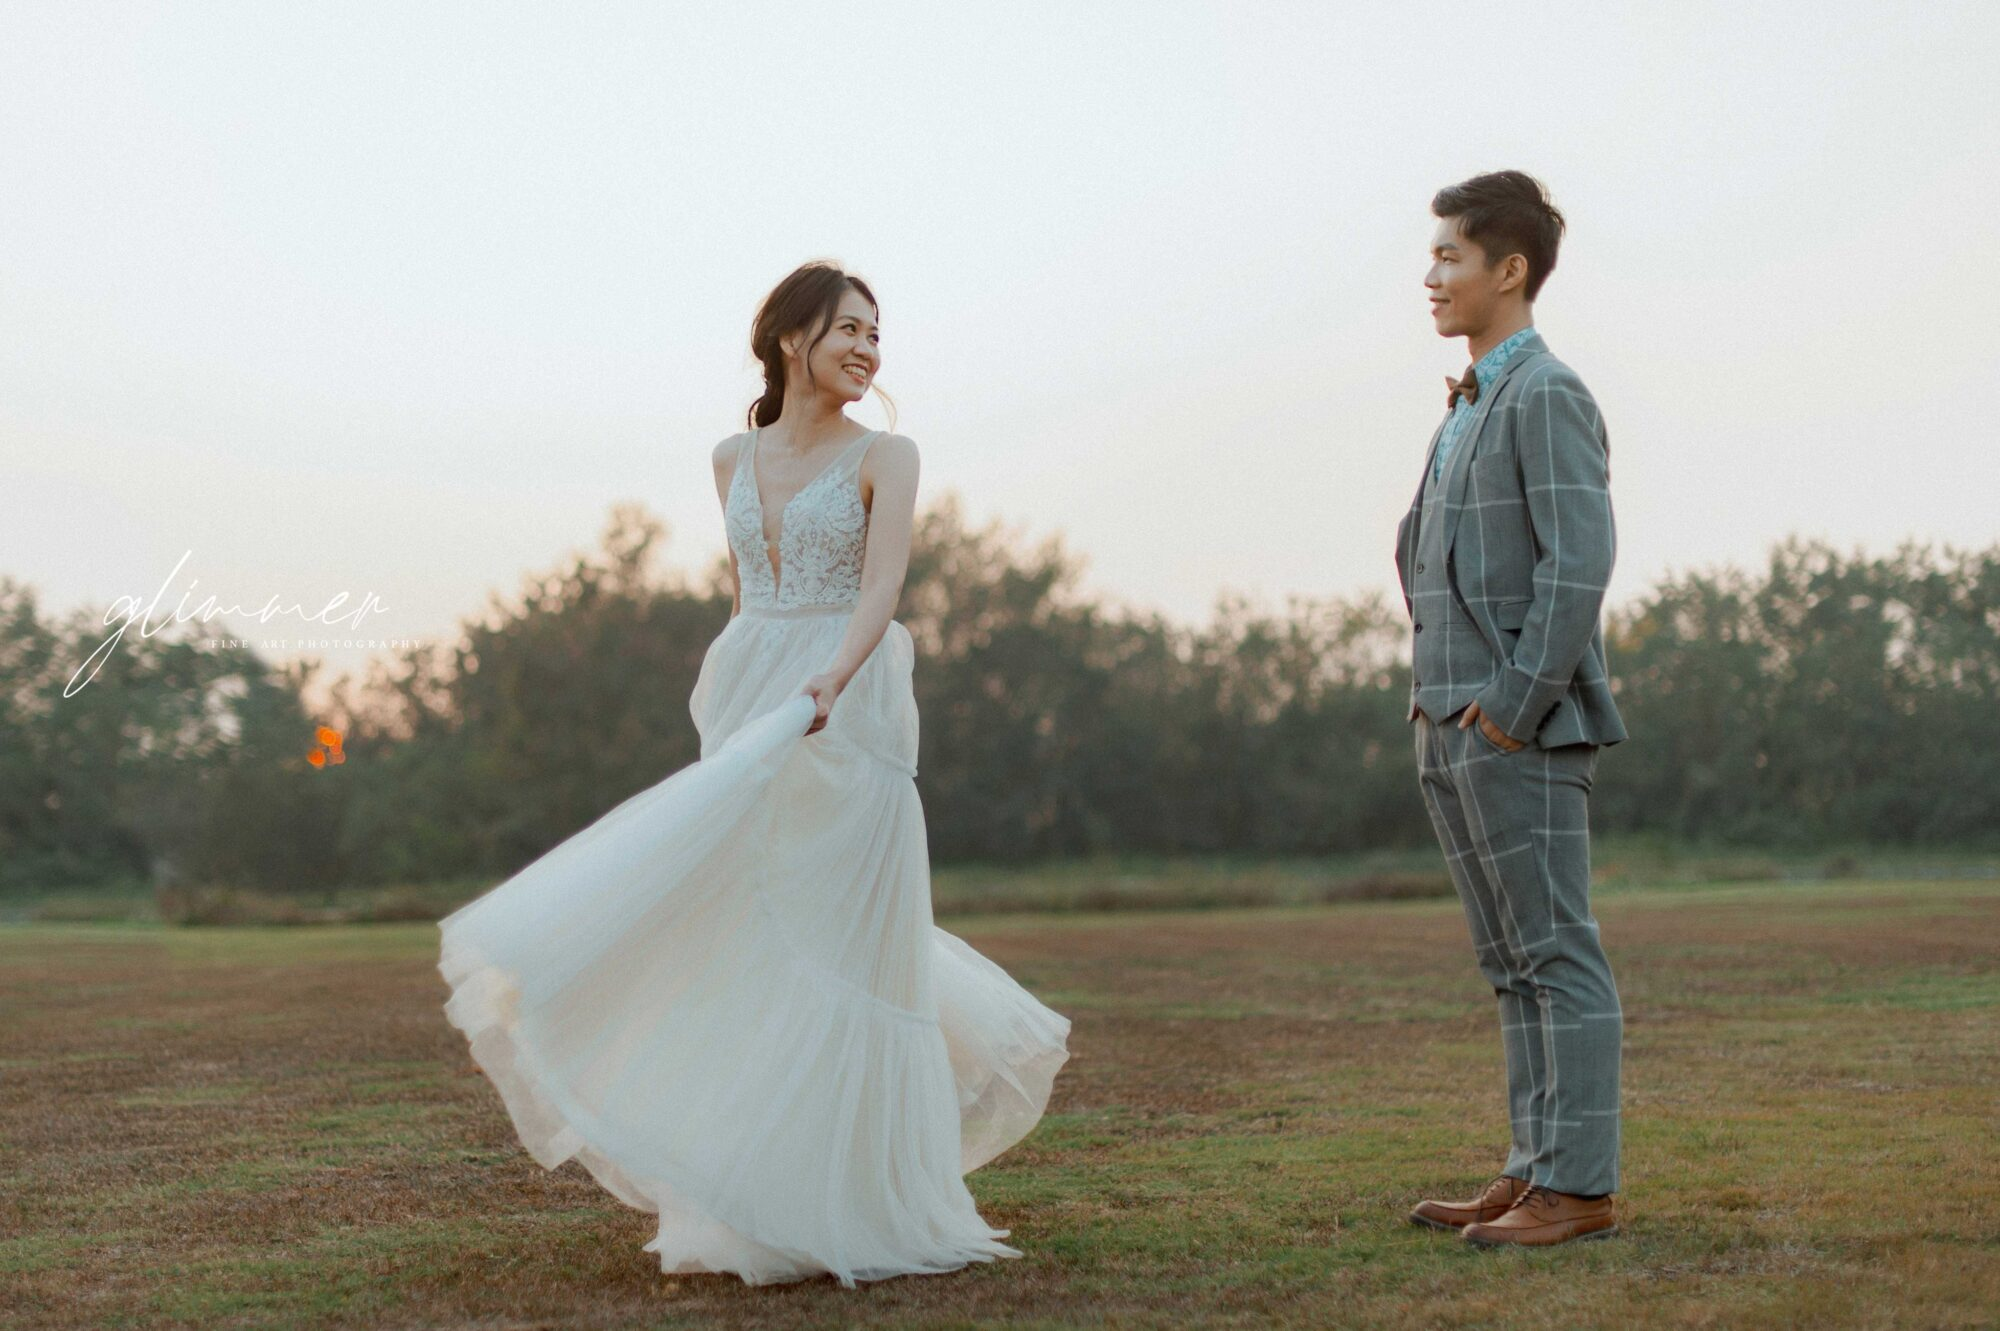 嘉義婚紗攝影,自助婚紗